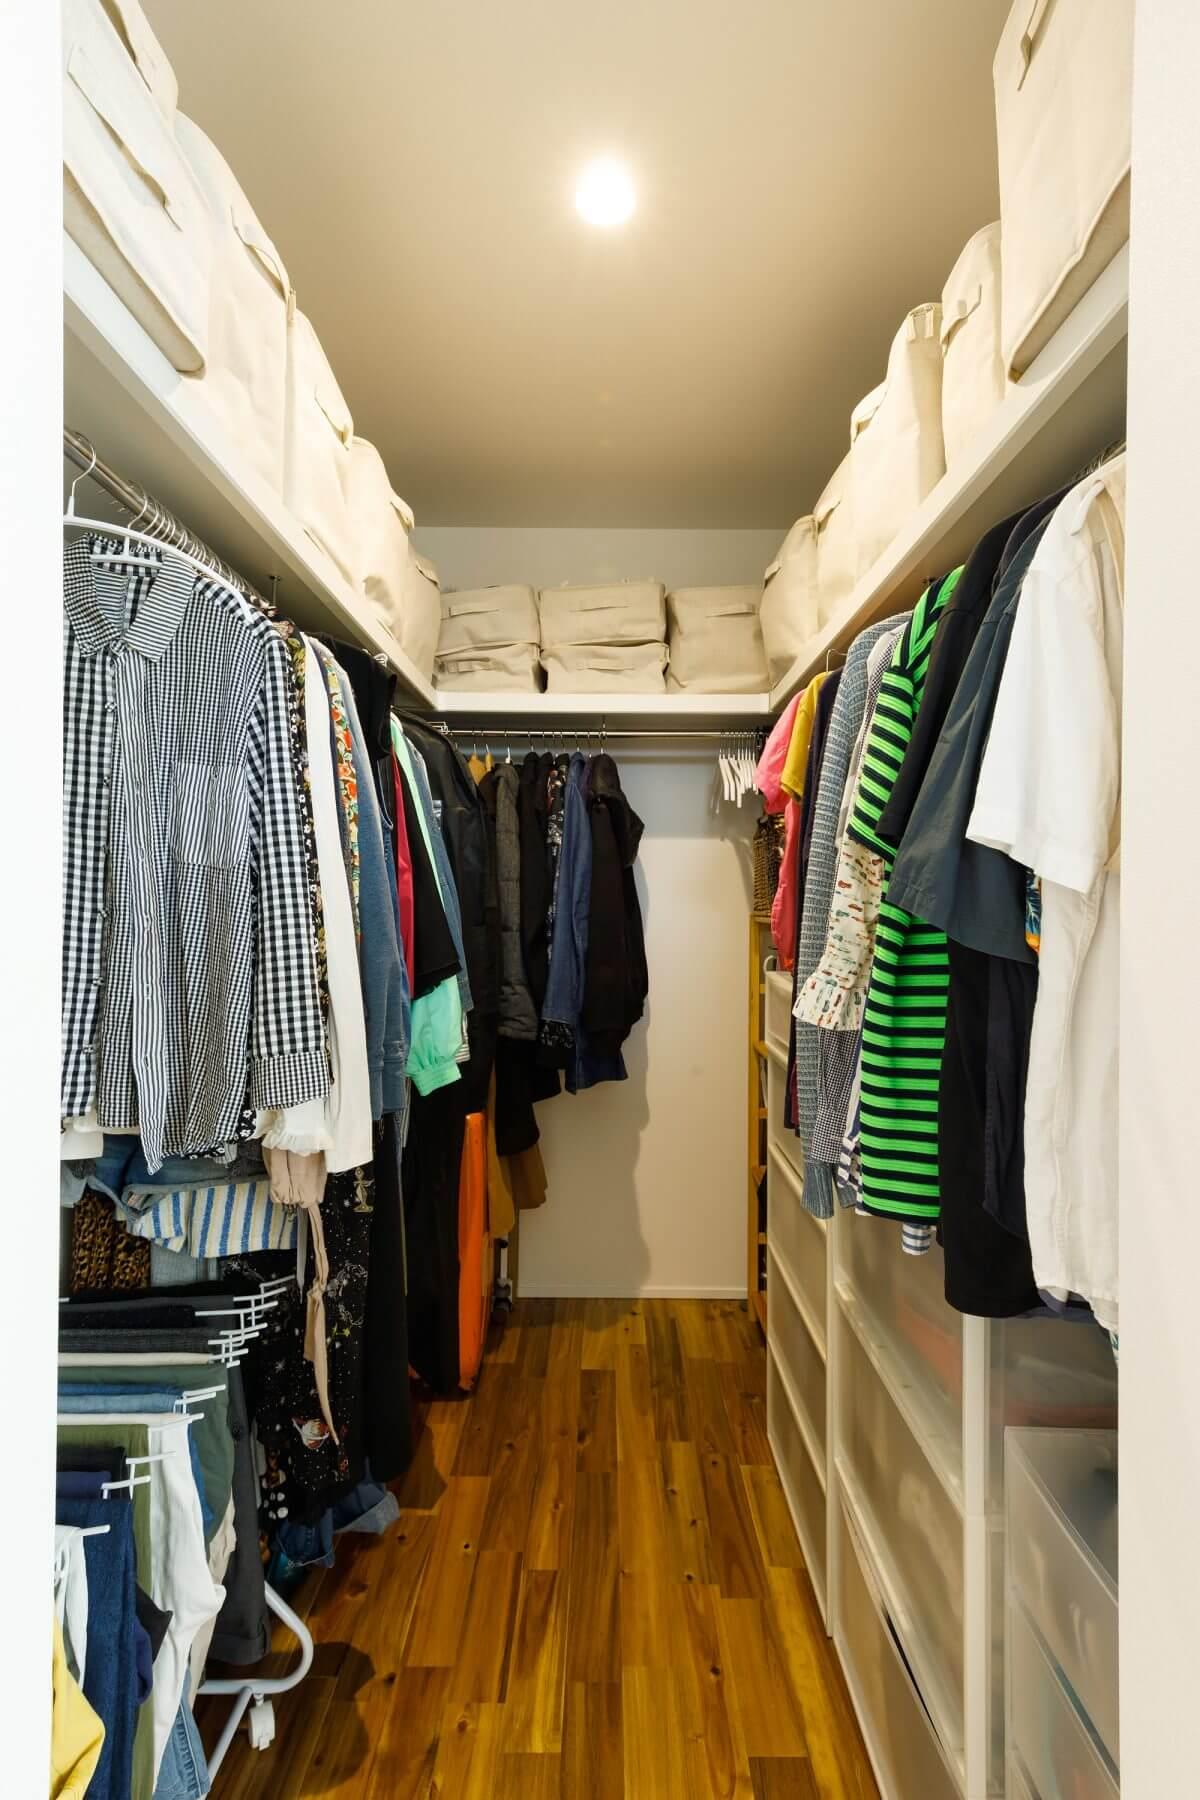 2階のランドリースペースの正面(向かい側)にあるファミリークローゼット。一連の洗濯動線の中にある家事ラクの間取りです。家族全員の衣類がここに収まるので、室内はスッキリ片付きます。